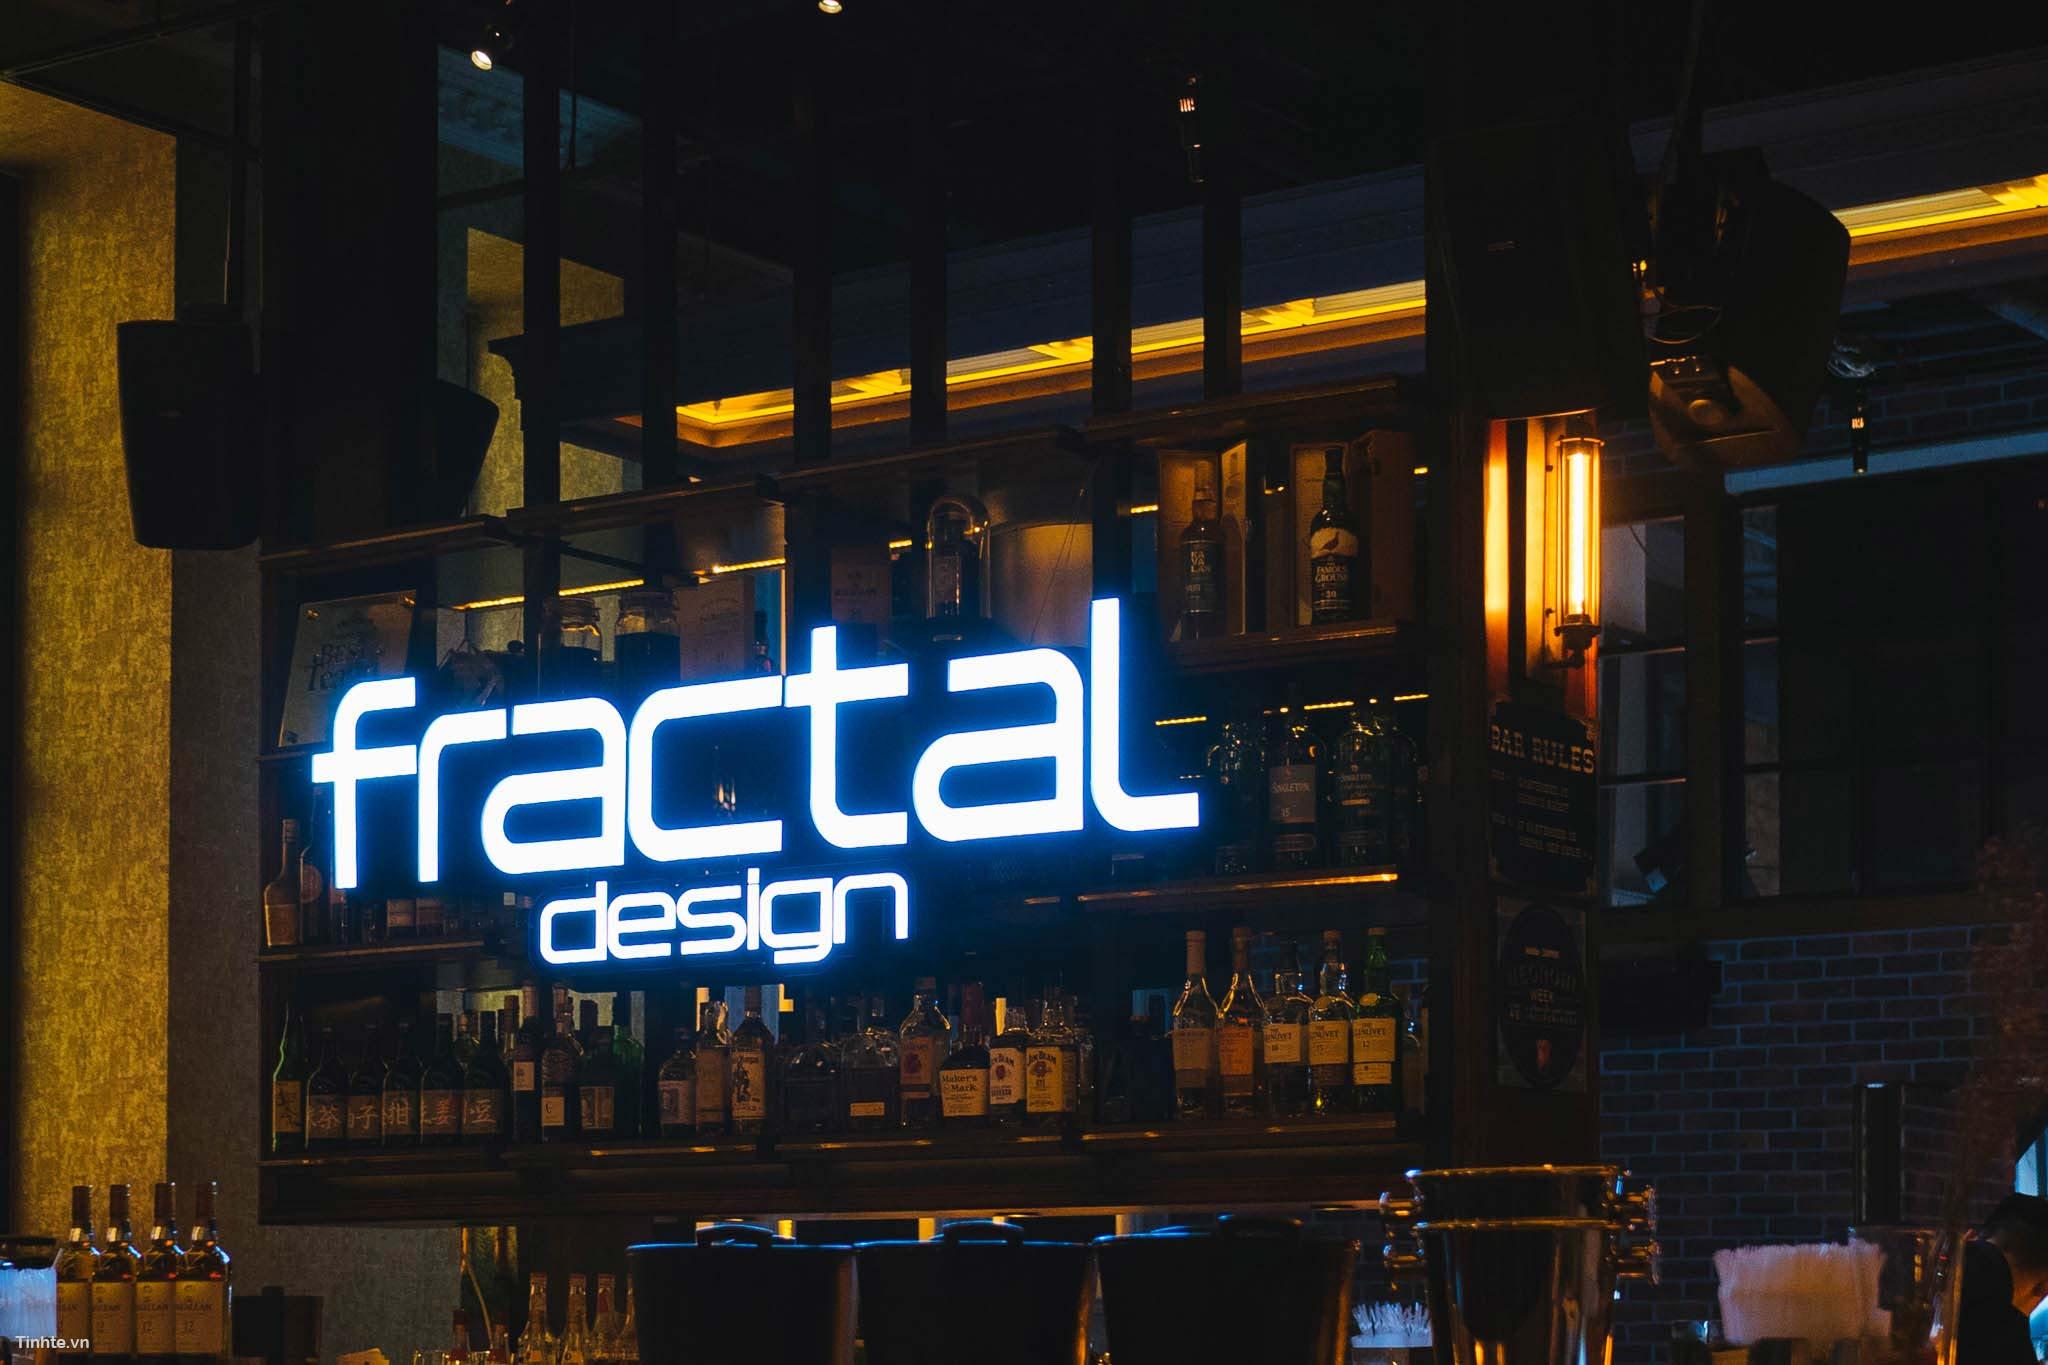 Fractal_design-1.jpg